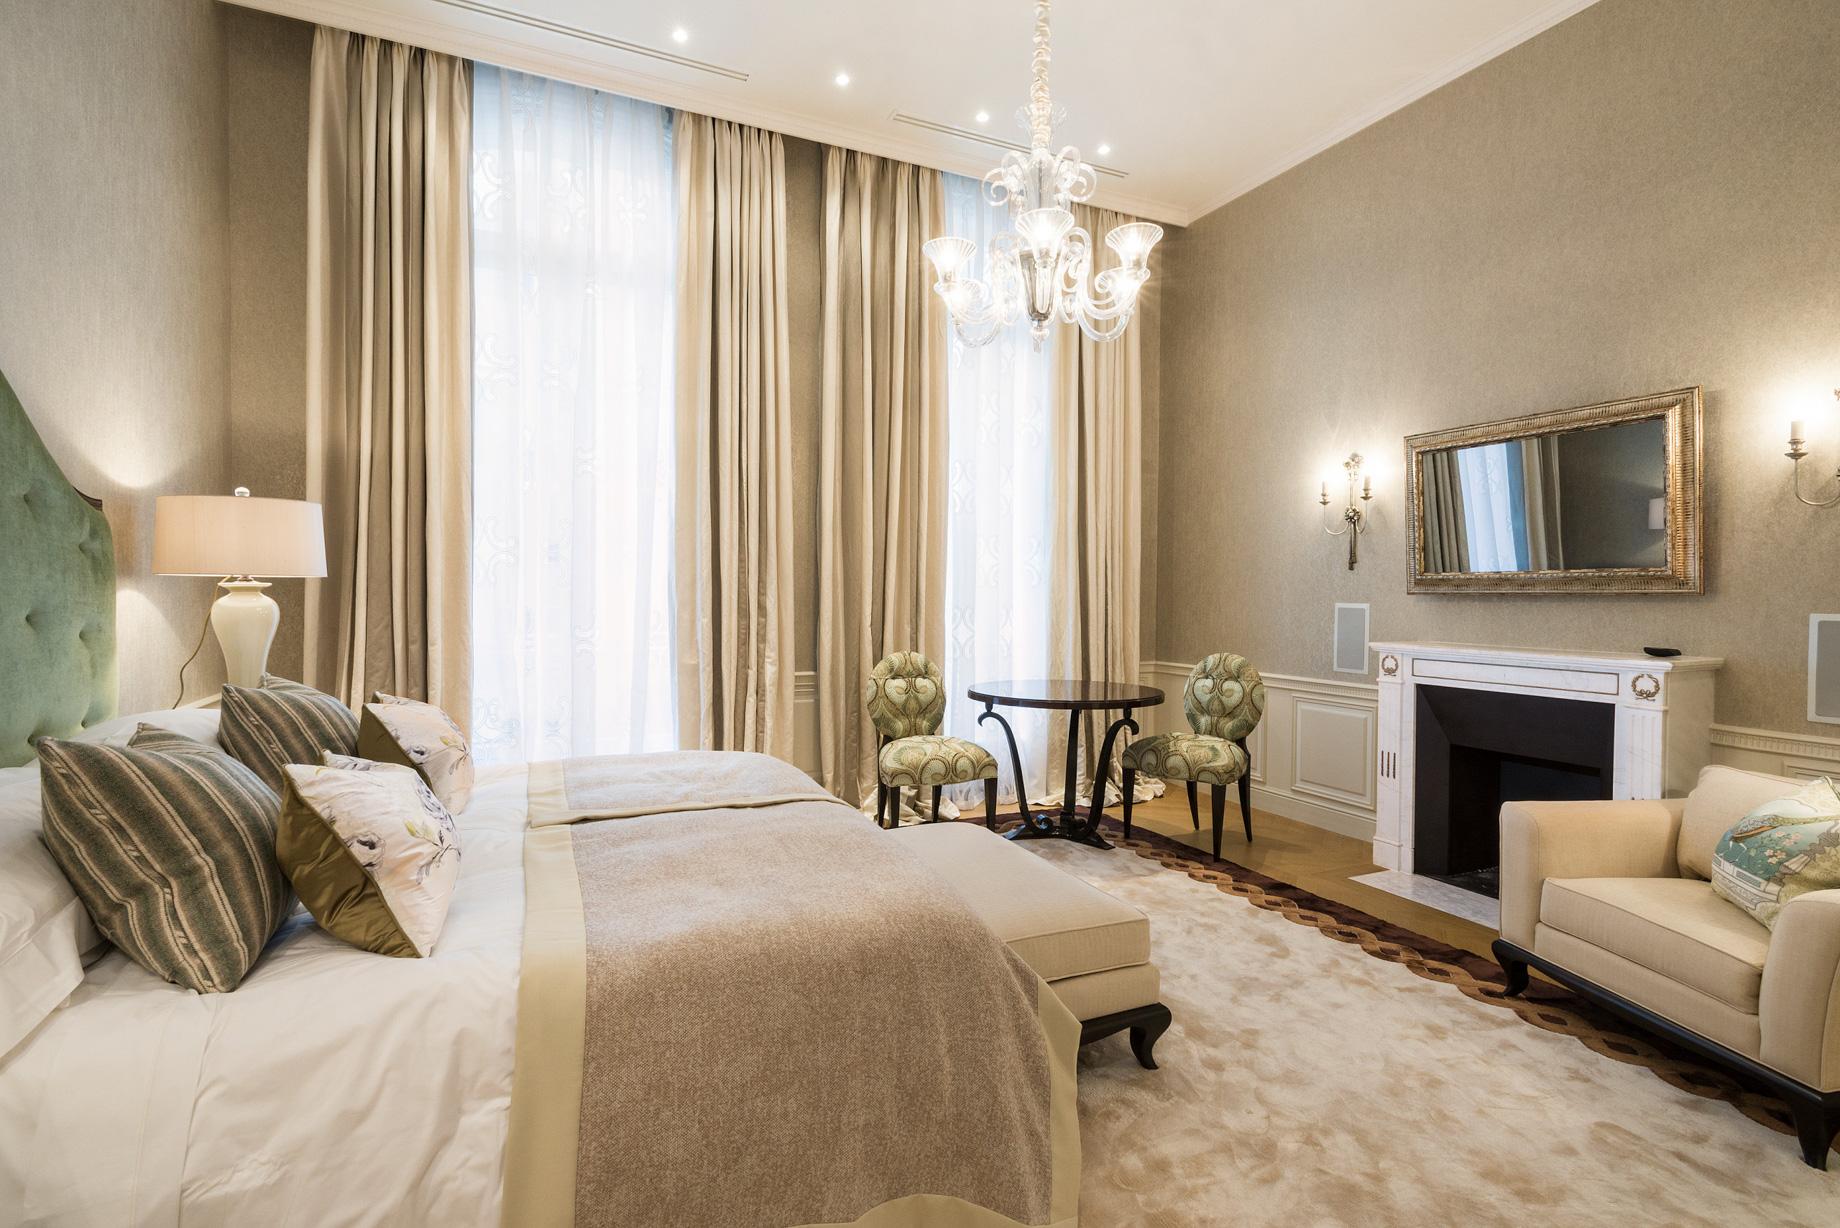 Avenue Foch Apartment Interior Design Paris, France – Kris Turnbull